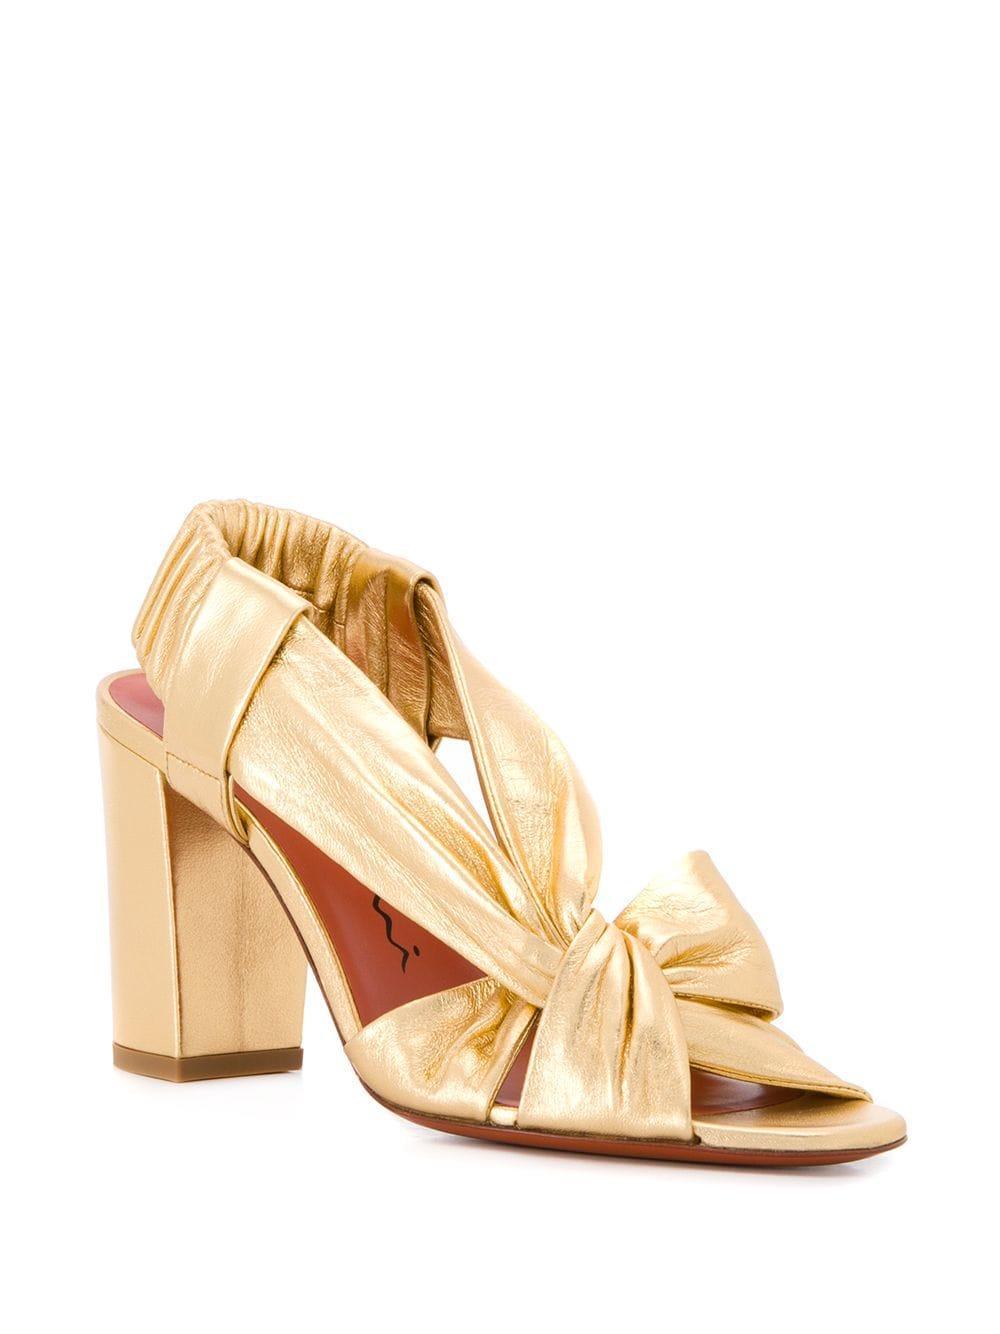 b5838d69f35 Lyst - Santoni Chunky Heel Knot Sandals in Metallic